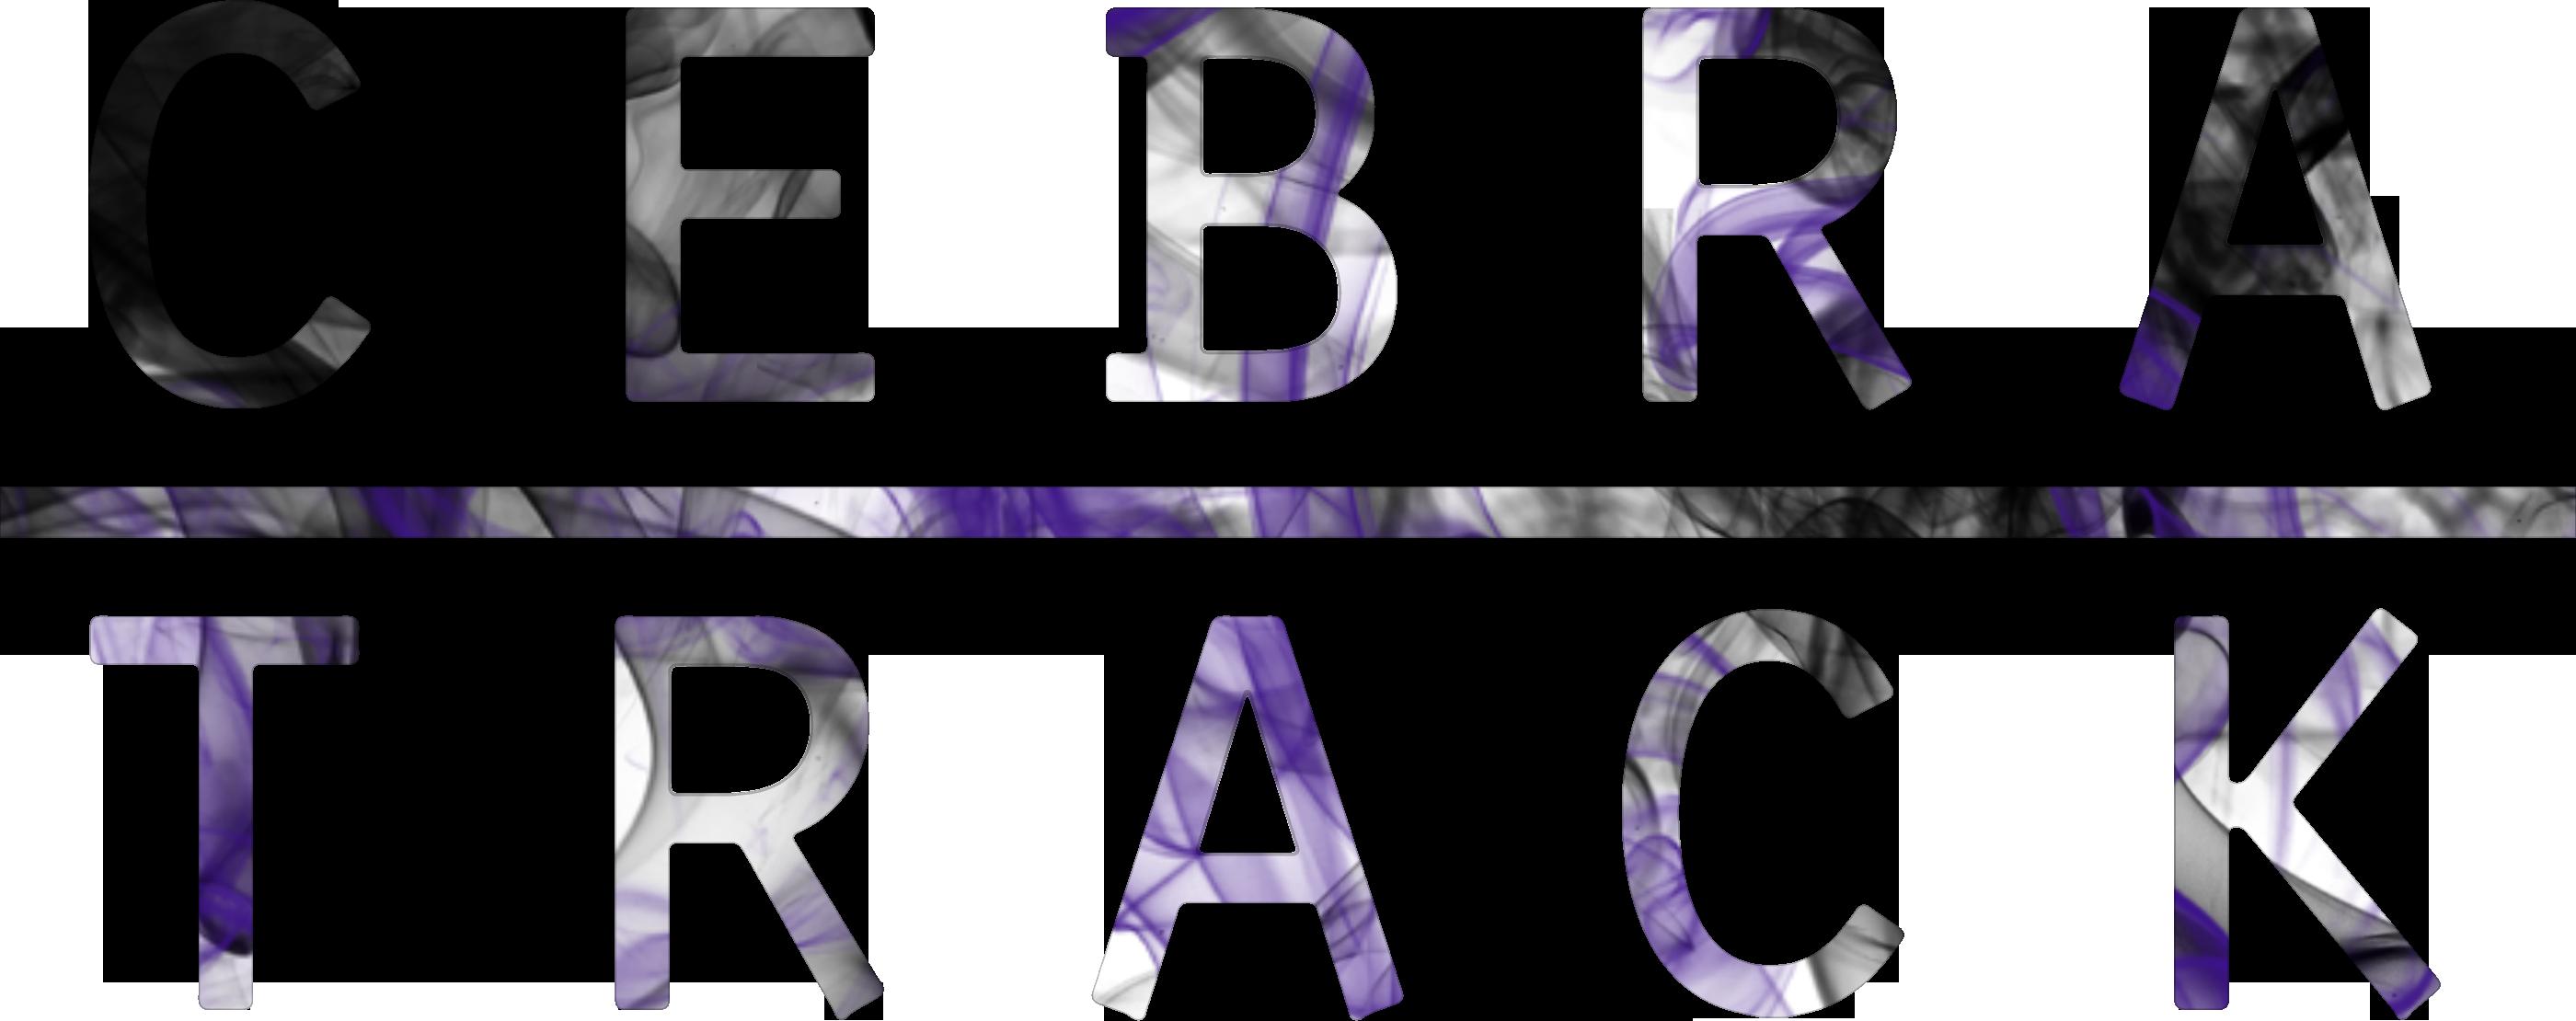 Cebratrack Logo 2019 smoky 2